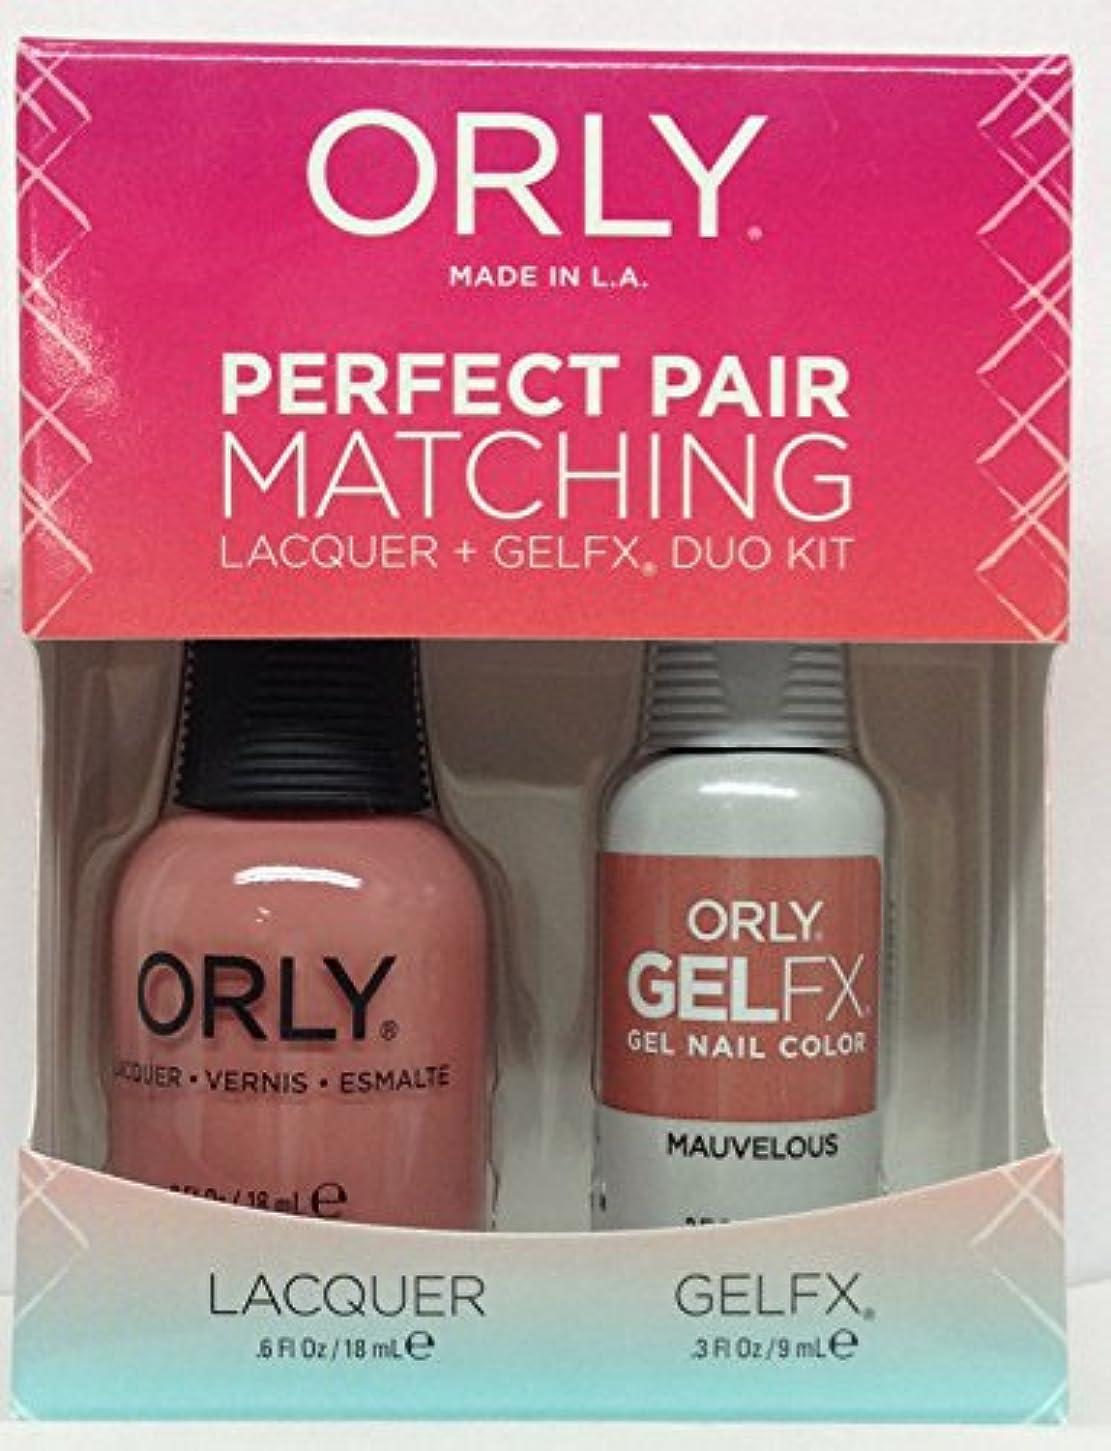 勃起デコードする維持するOrly - Perfect Pair Matching Lacquer+GelFX Kit - Mauvelous - 0.6 oz/0.3 oz